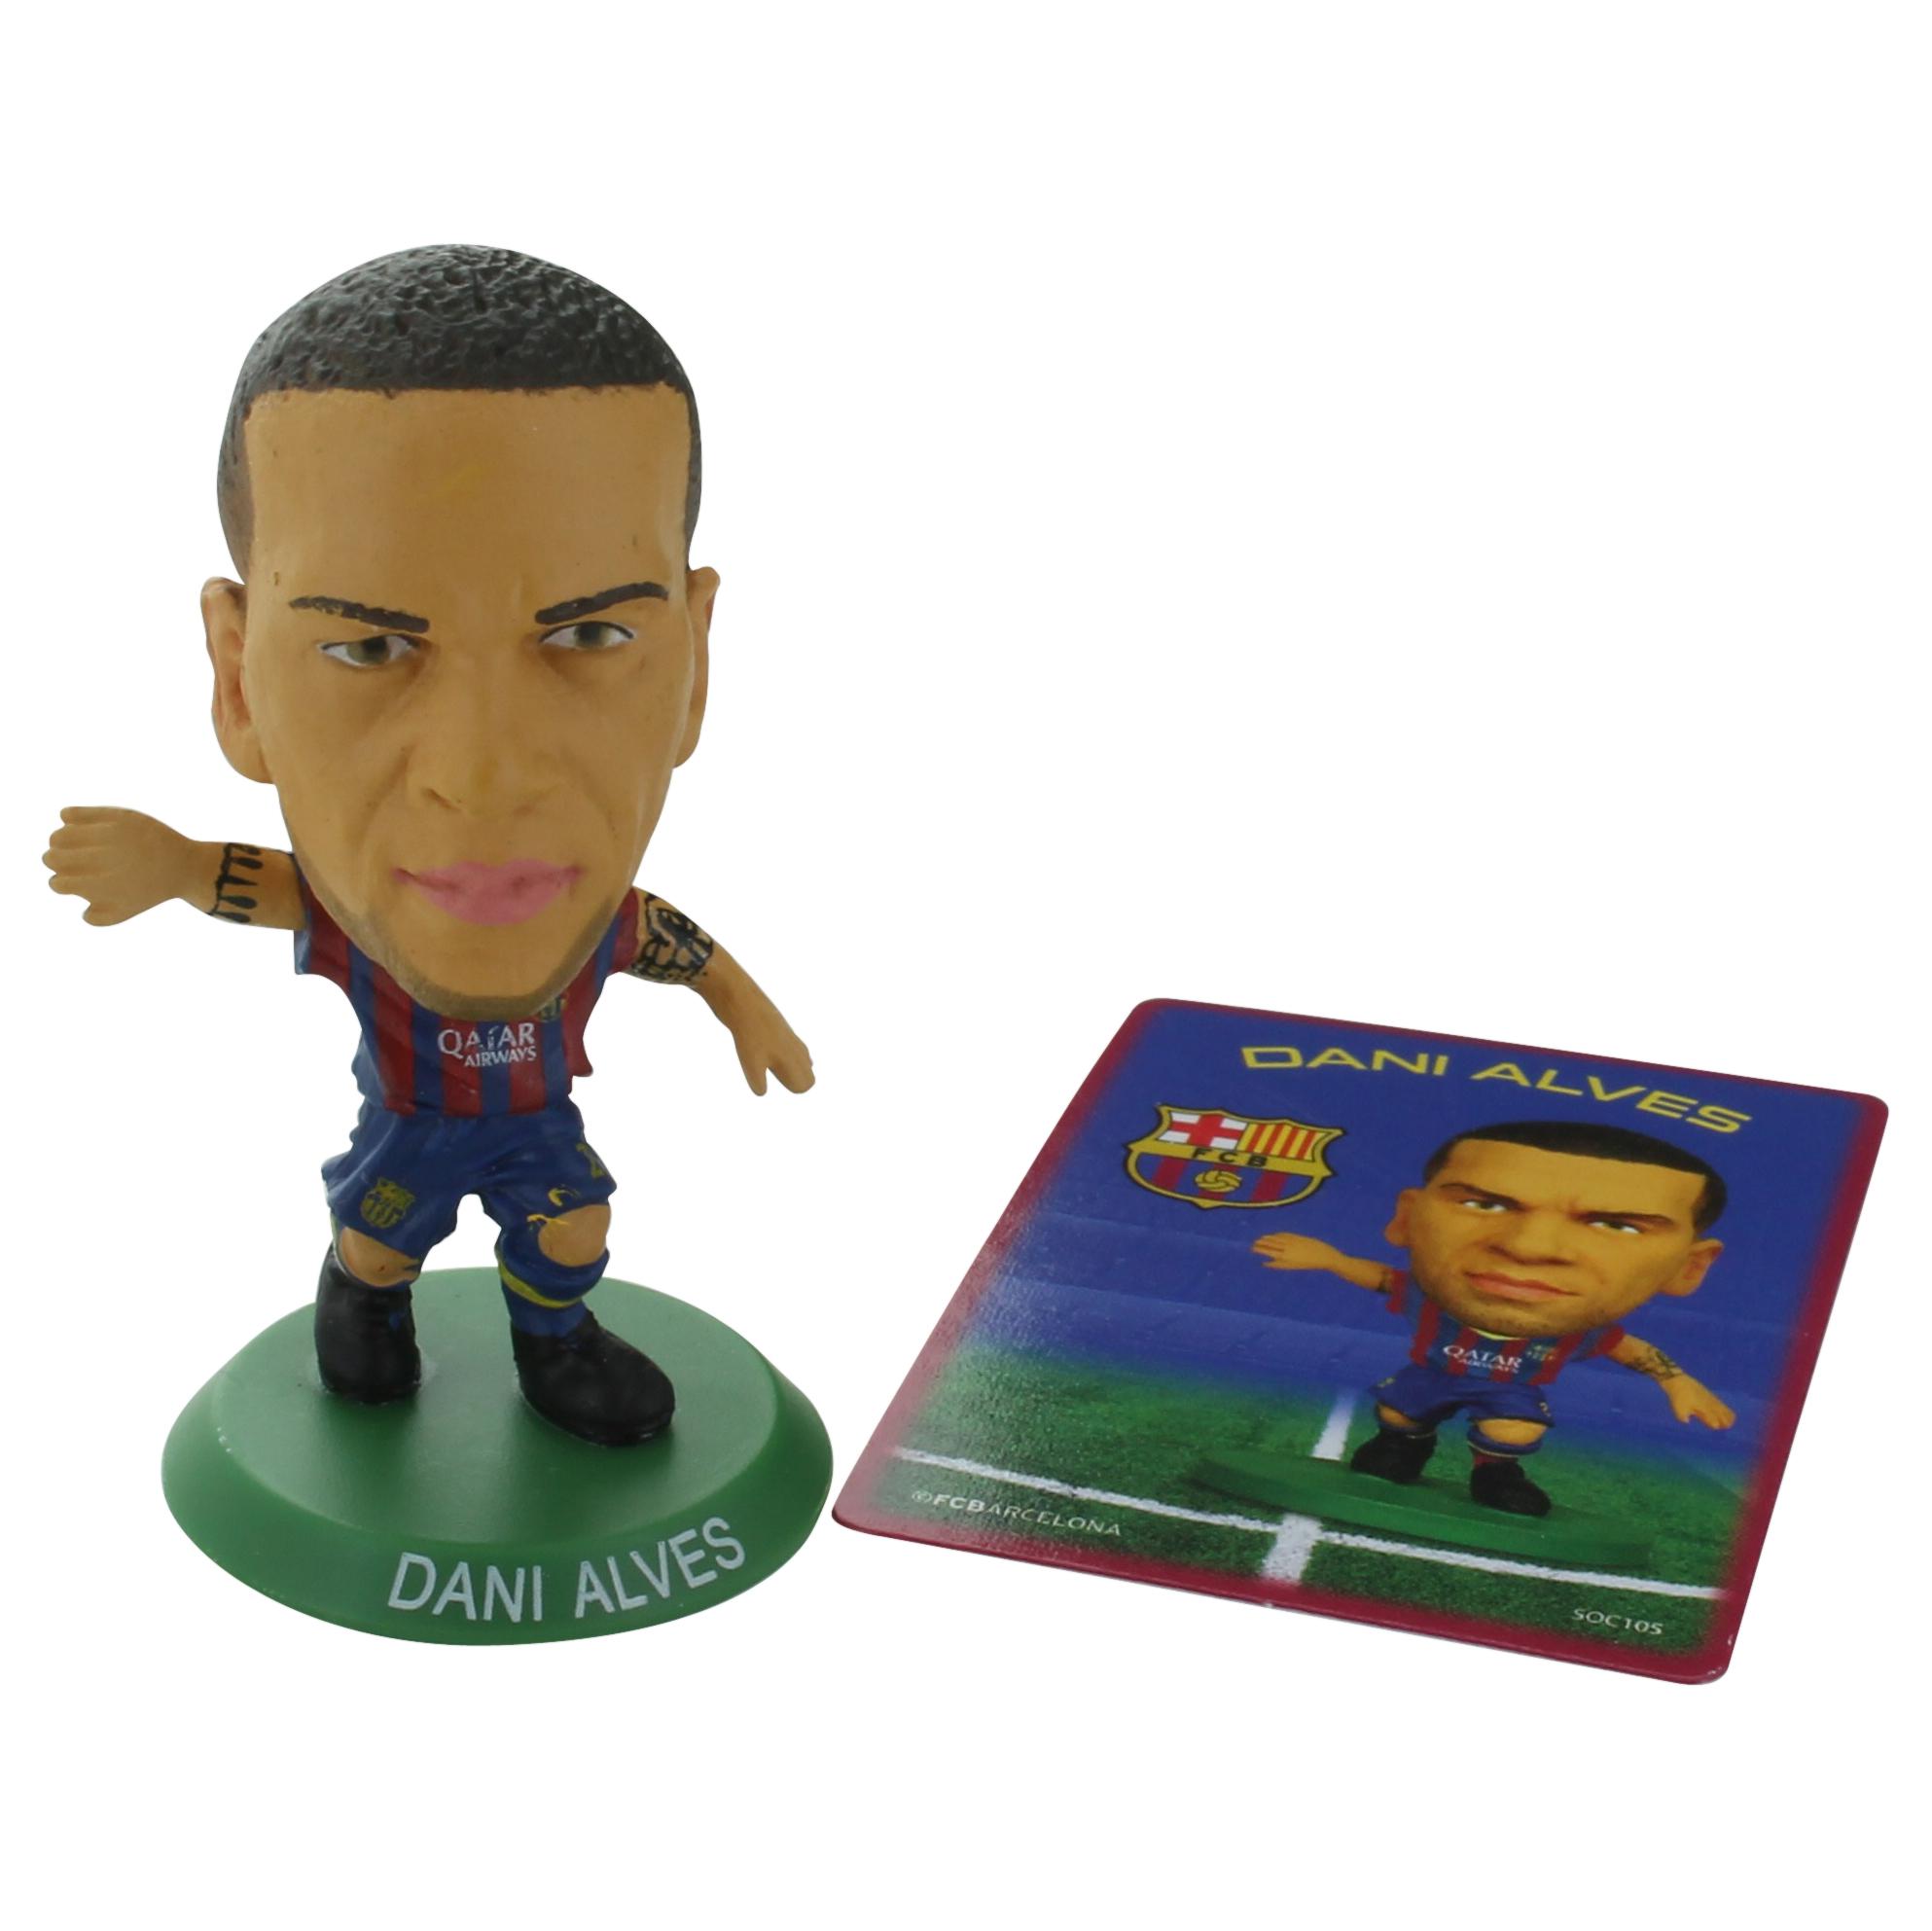 Barcelona Dani Alves Home SoccerStarz